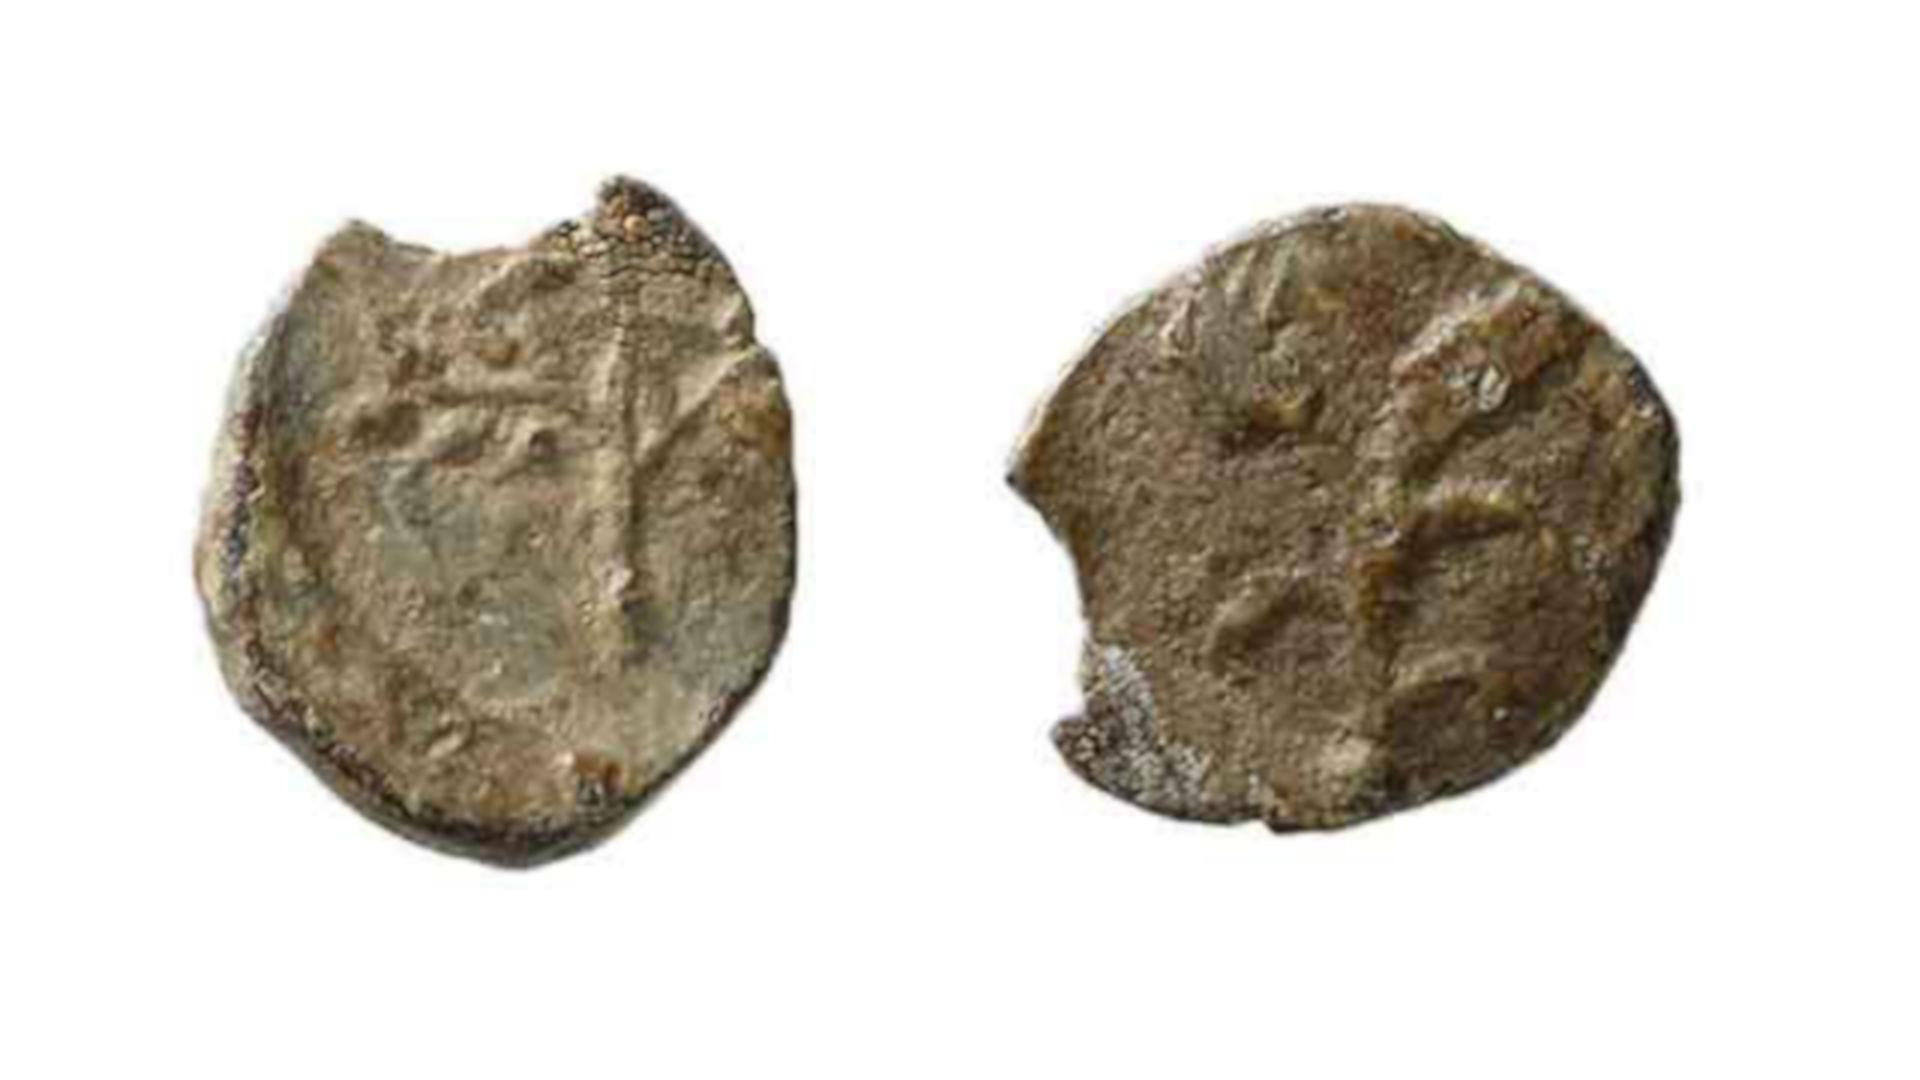 Zug, Baar, römische Bleimarke von der Baarburg